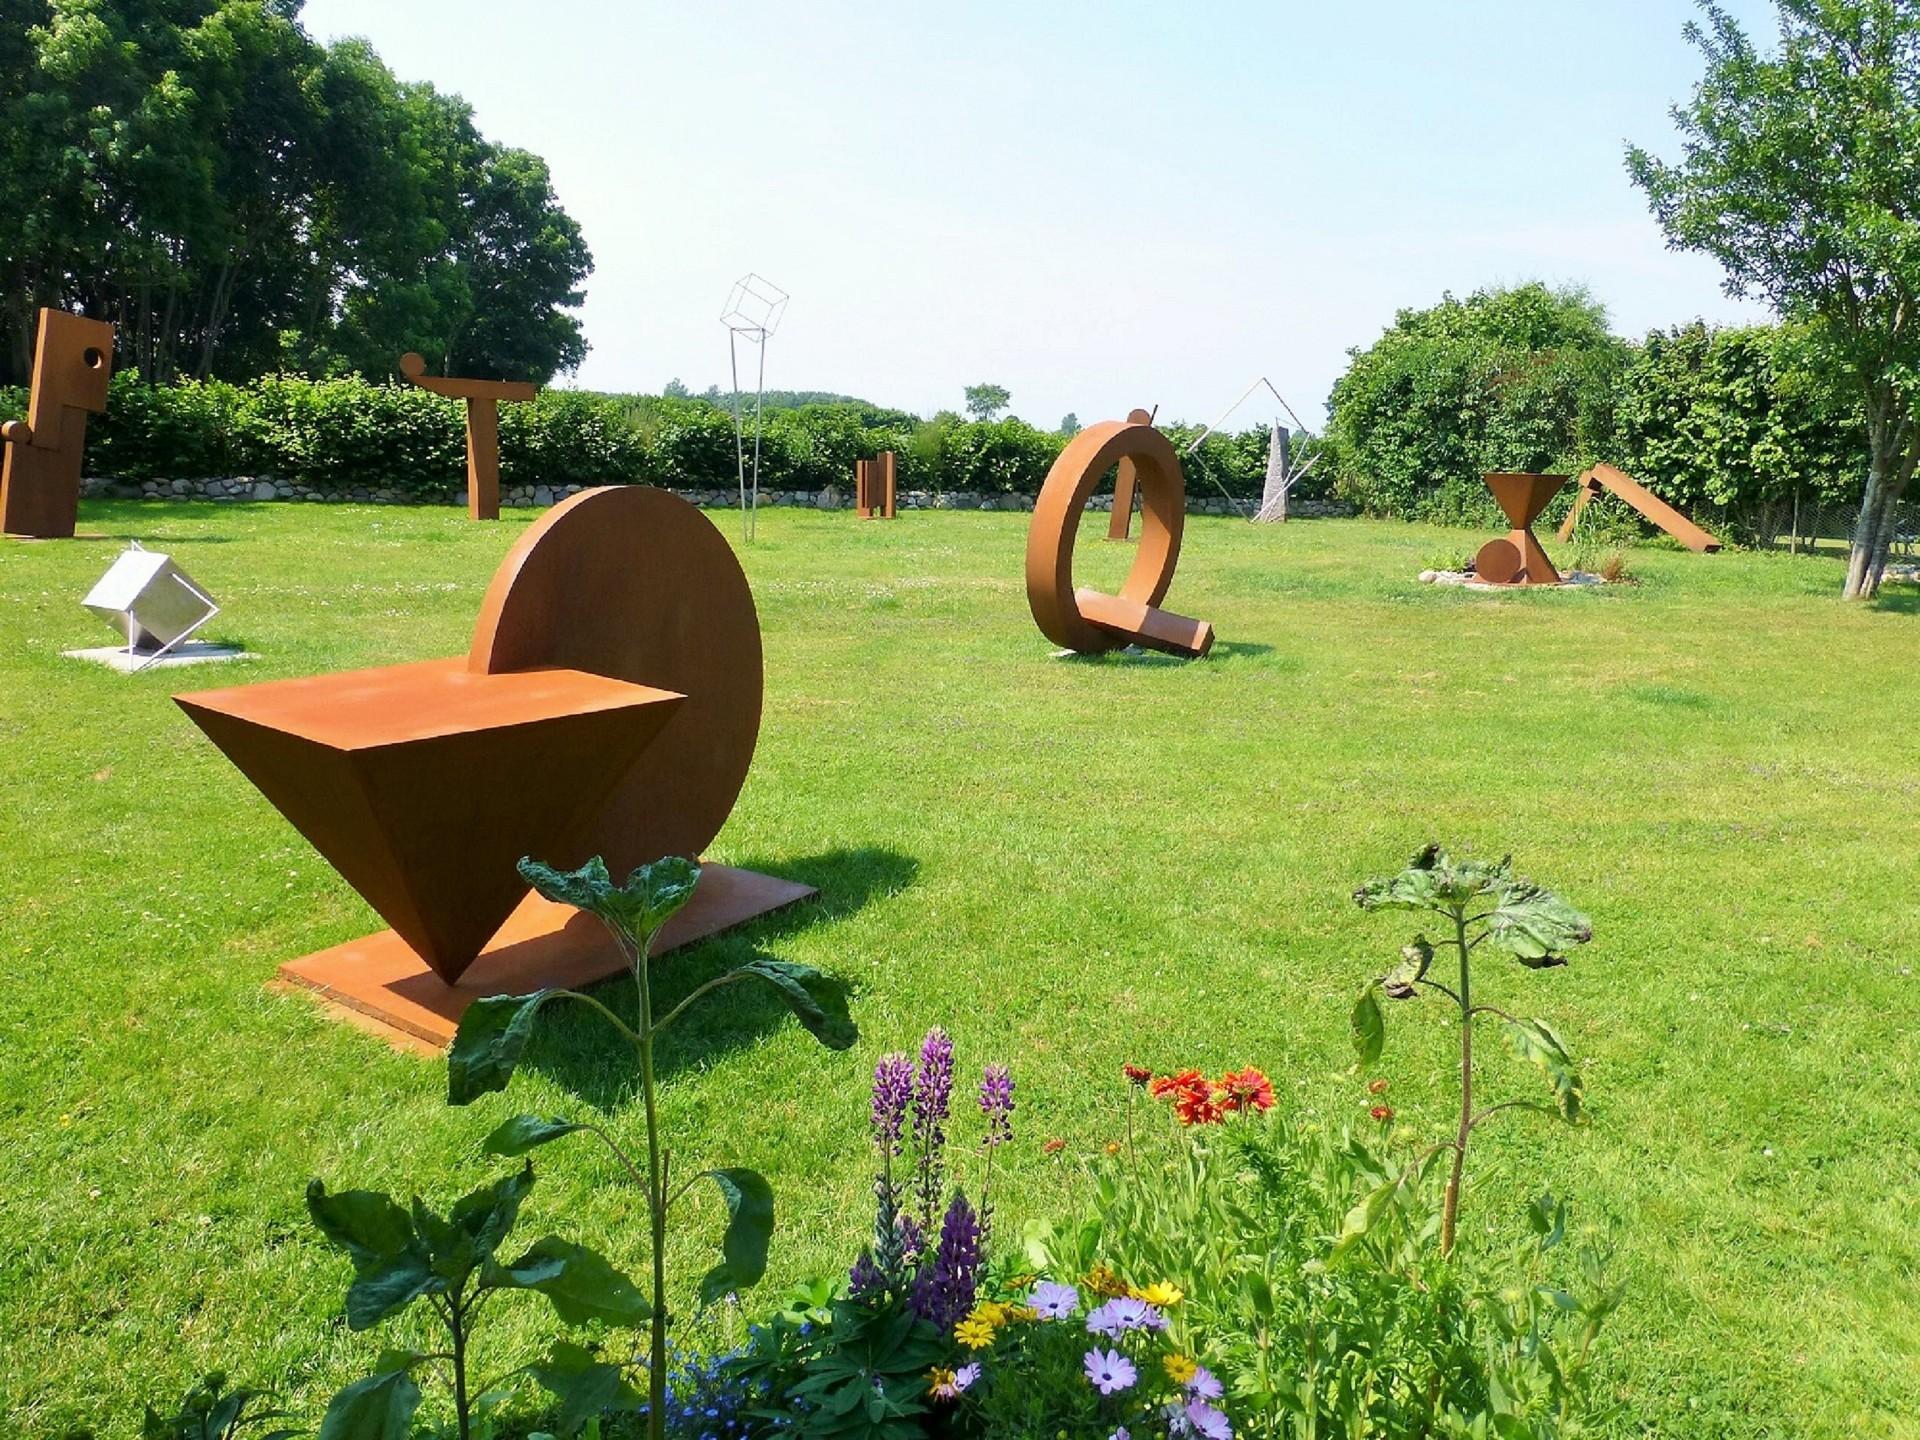 kunstraum skulpturengarten kunstraum skulpturengarten. Black Bedroom Furniture Sets. Home Design Ideas